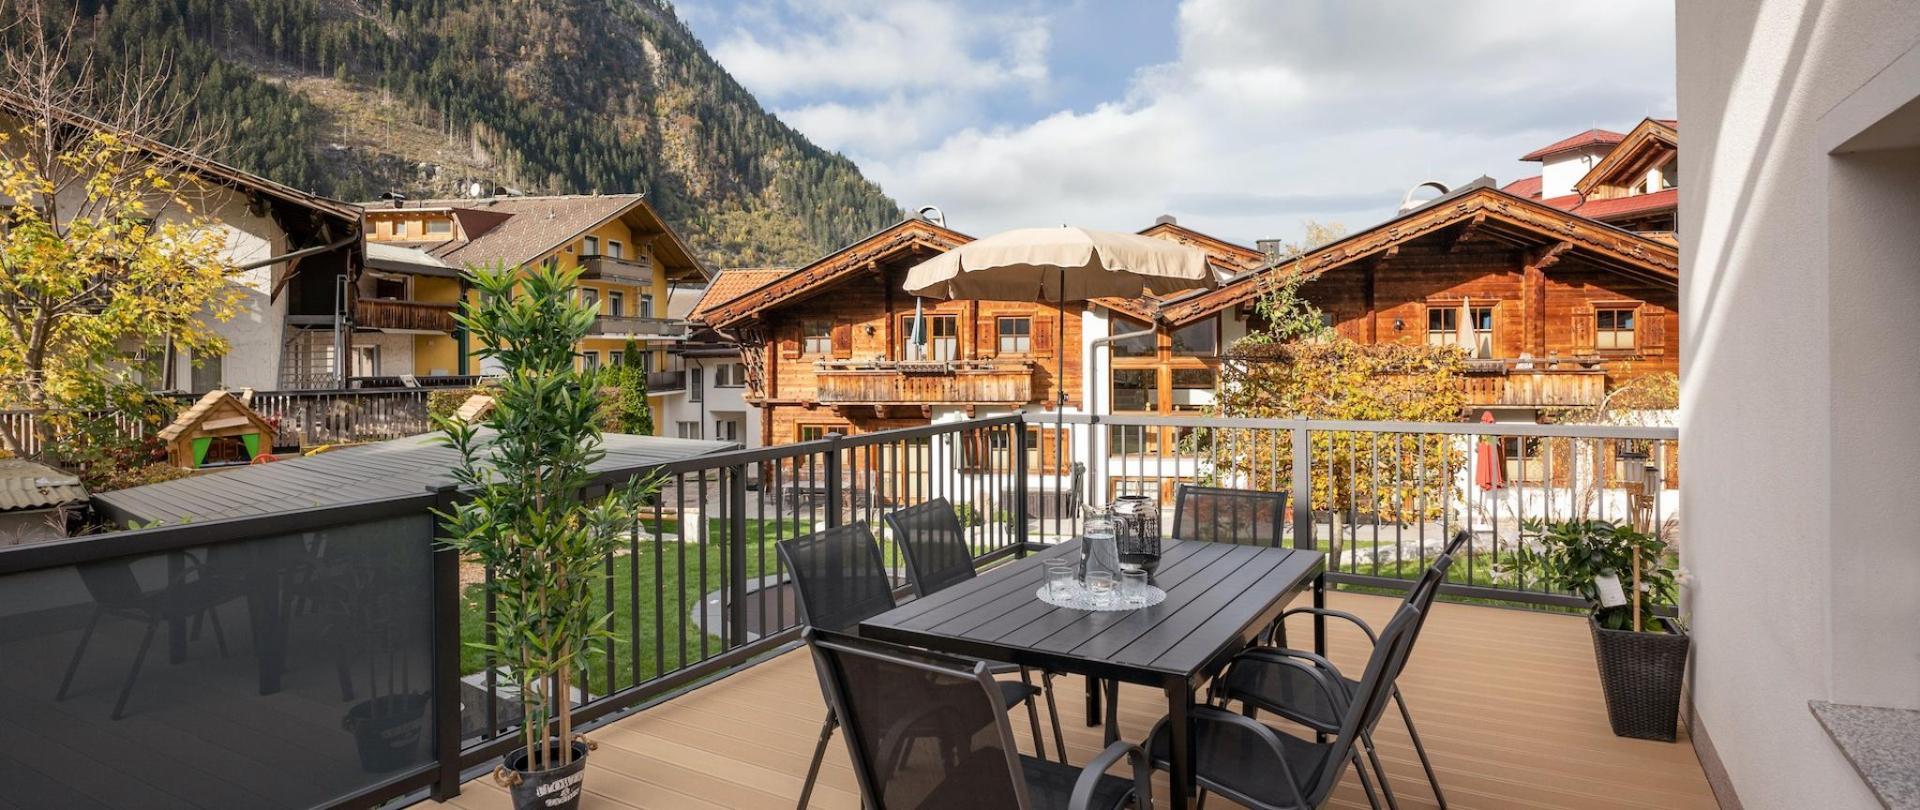 Alpen_Living_Zillerlaende_489_Mayrhofen_Terrasse.JPG